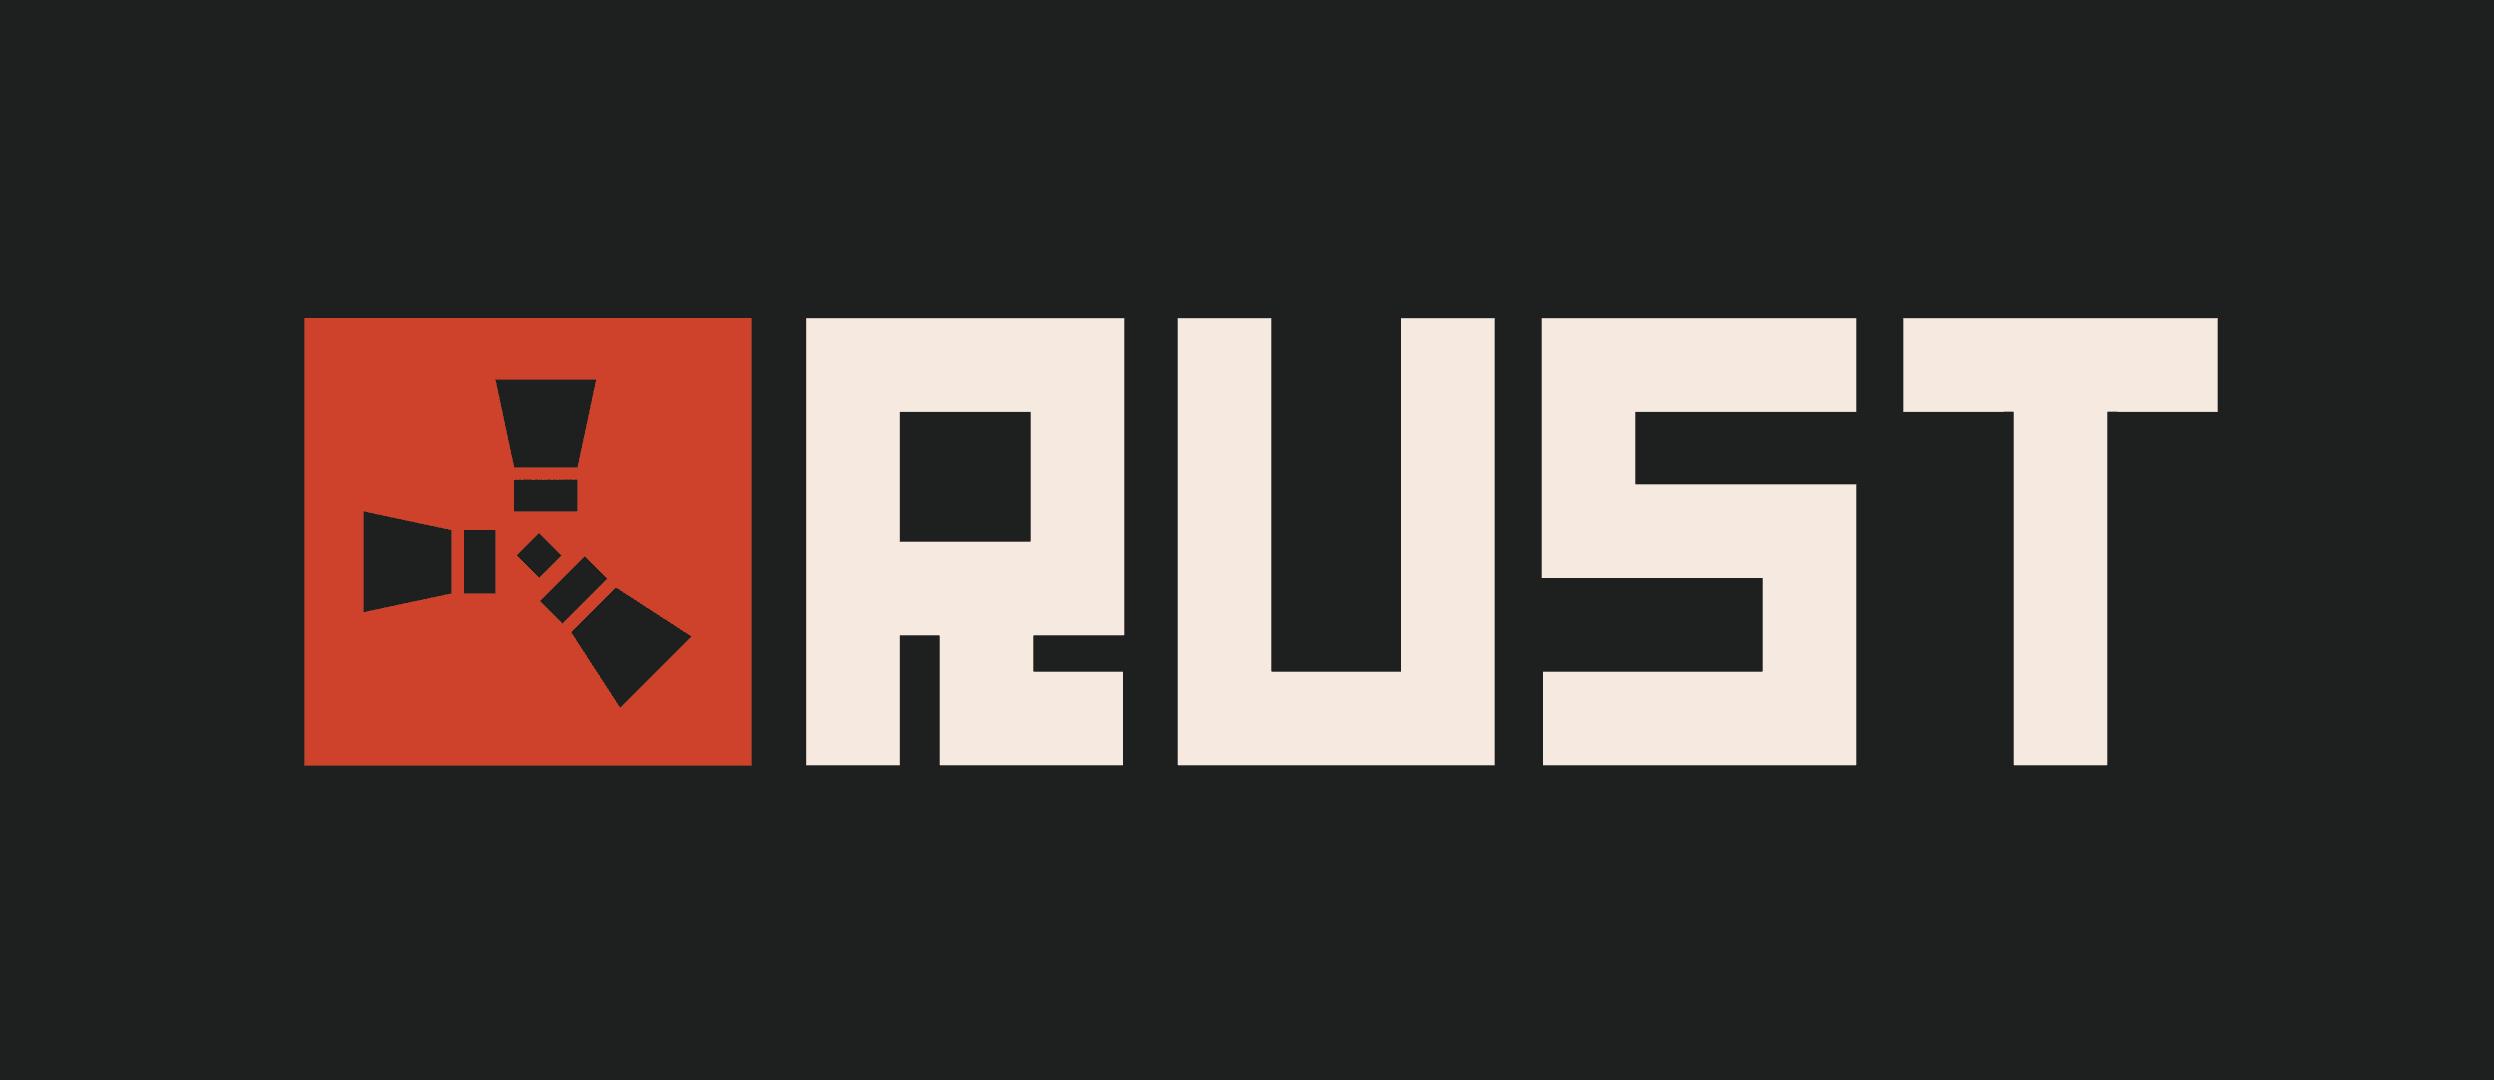 Rust Game Video Game Logos Rust Game Logo